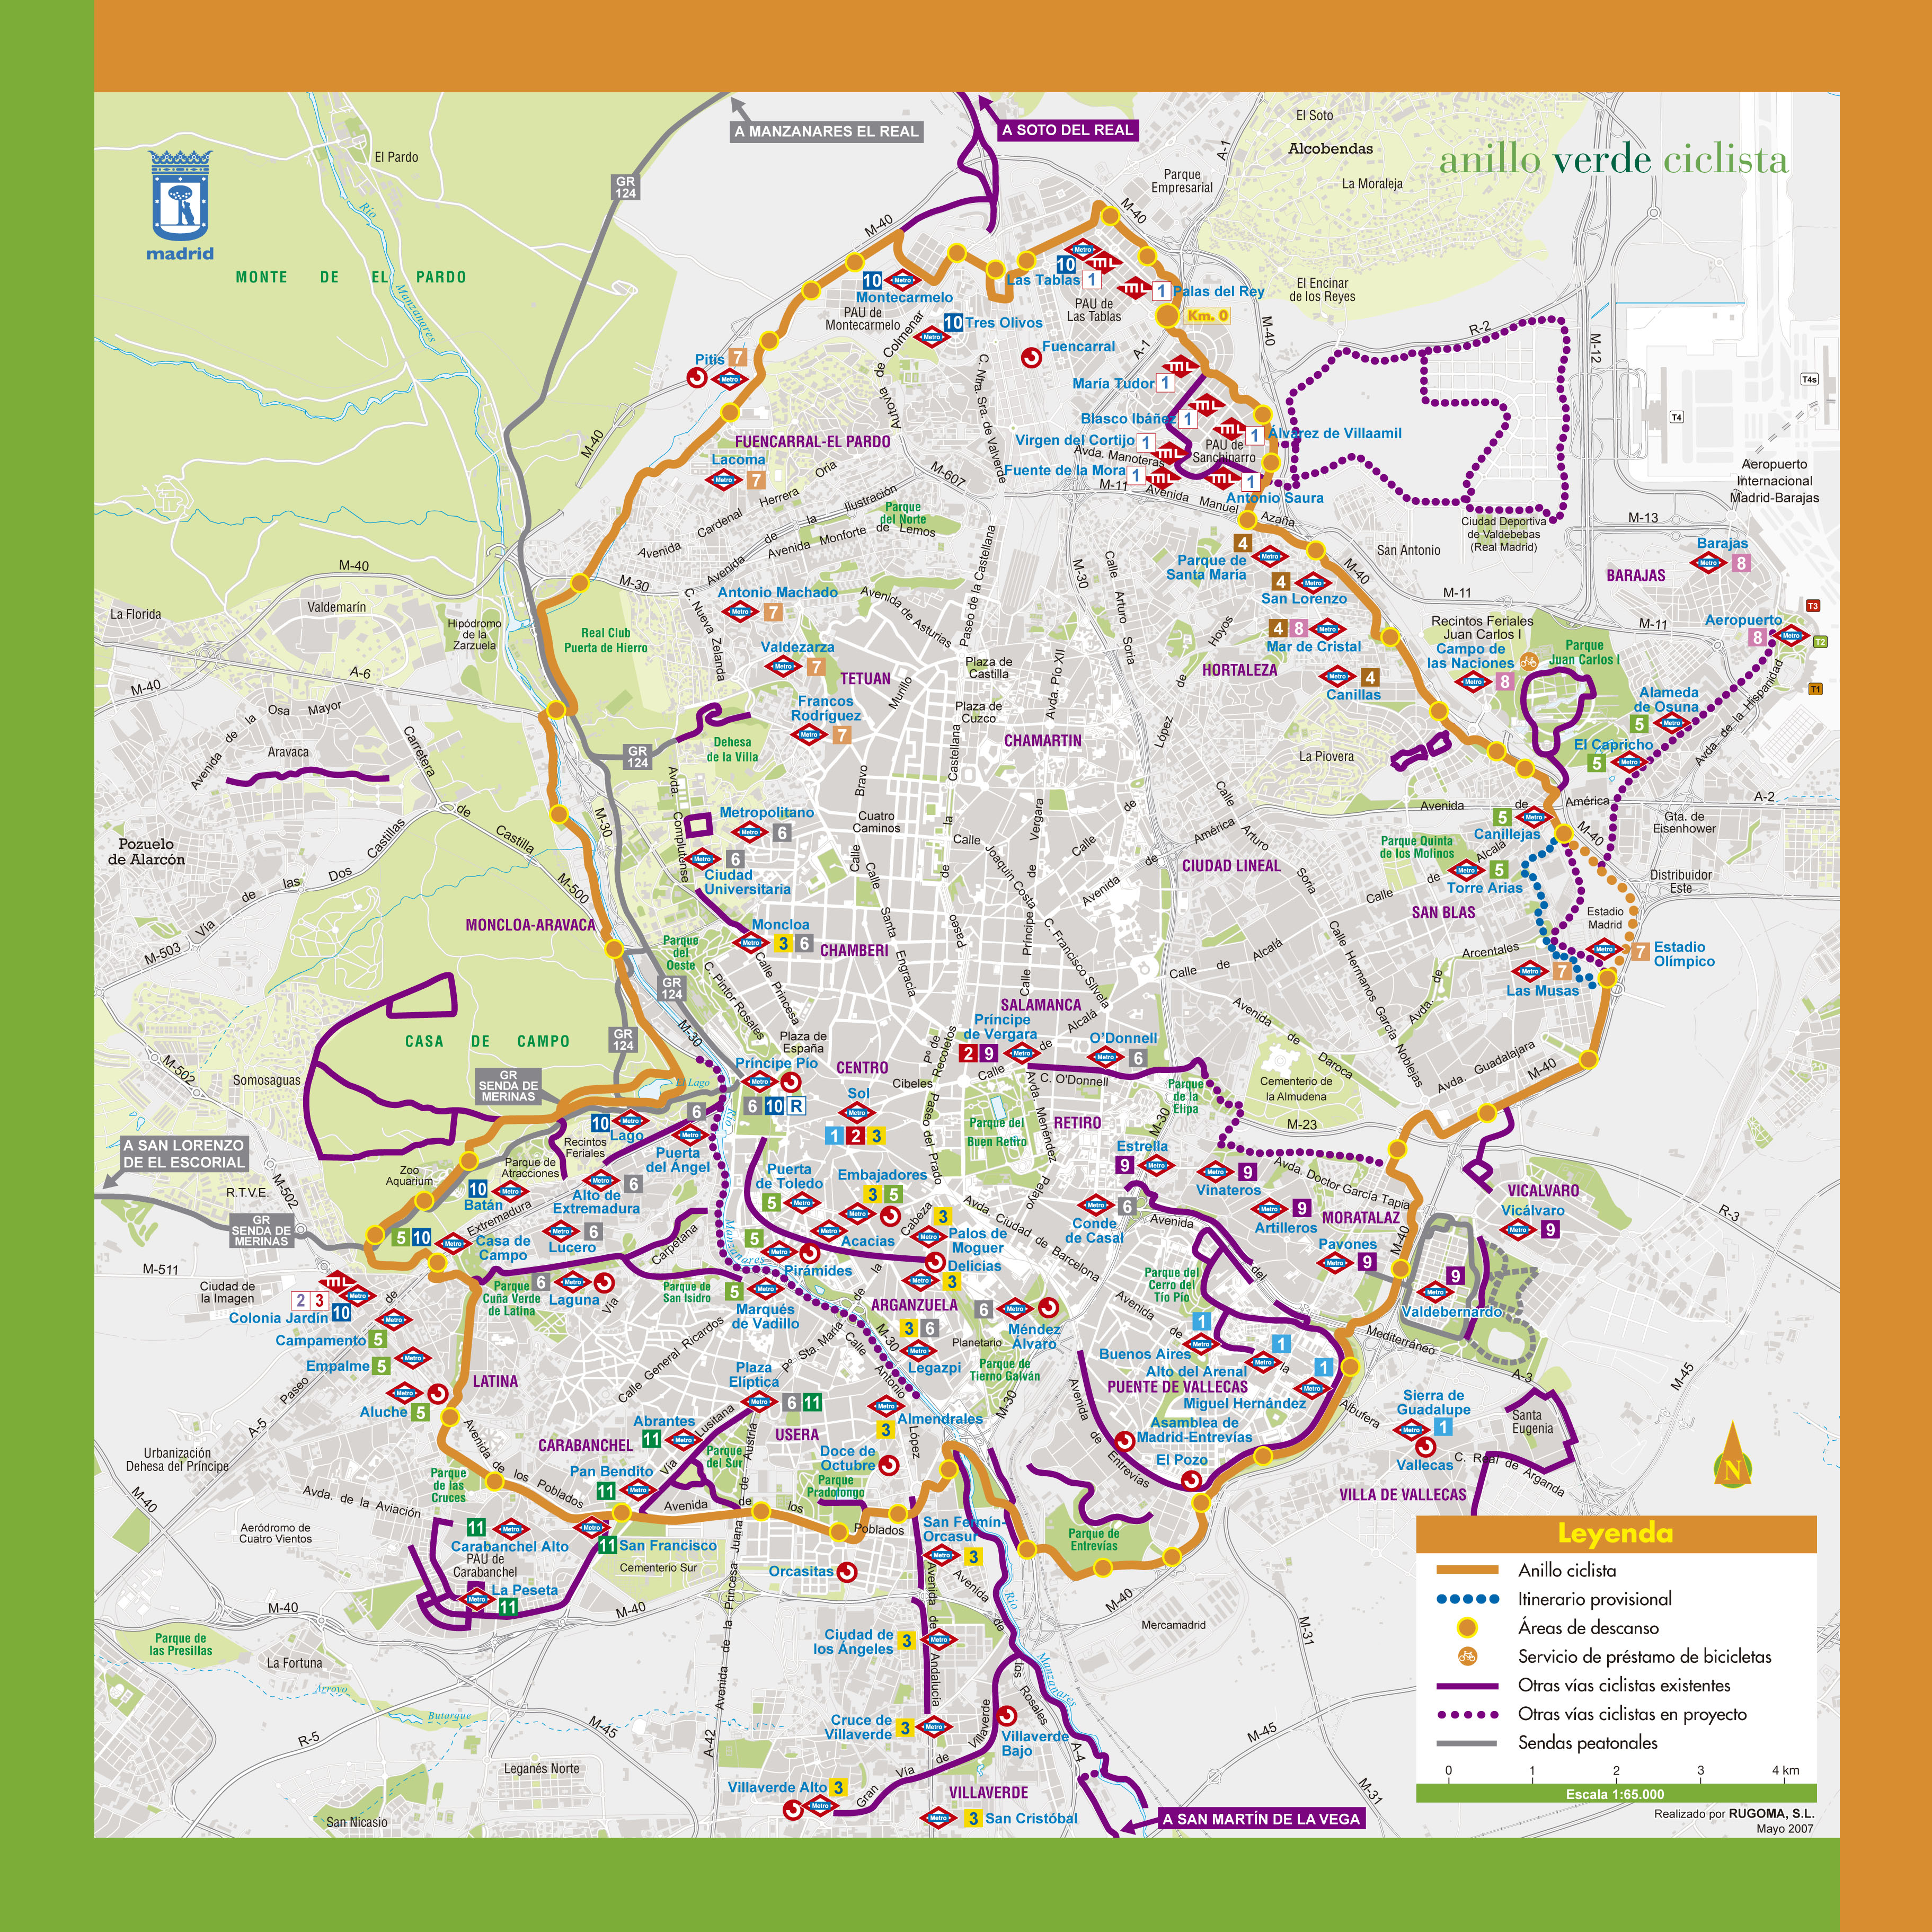 Anillo verde ciclista de madrid 2007 tama o completo - Anillo verde ciclista madrid mapa ...